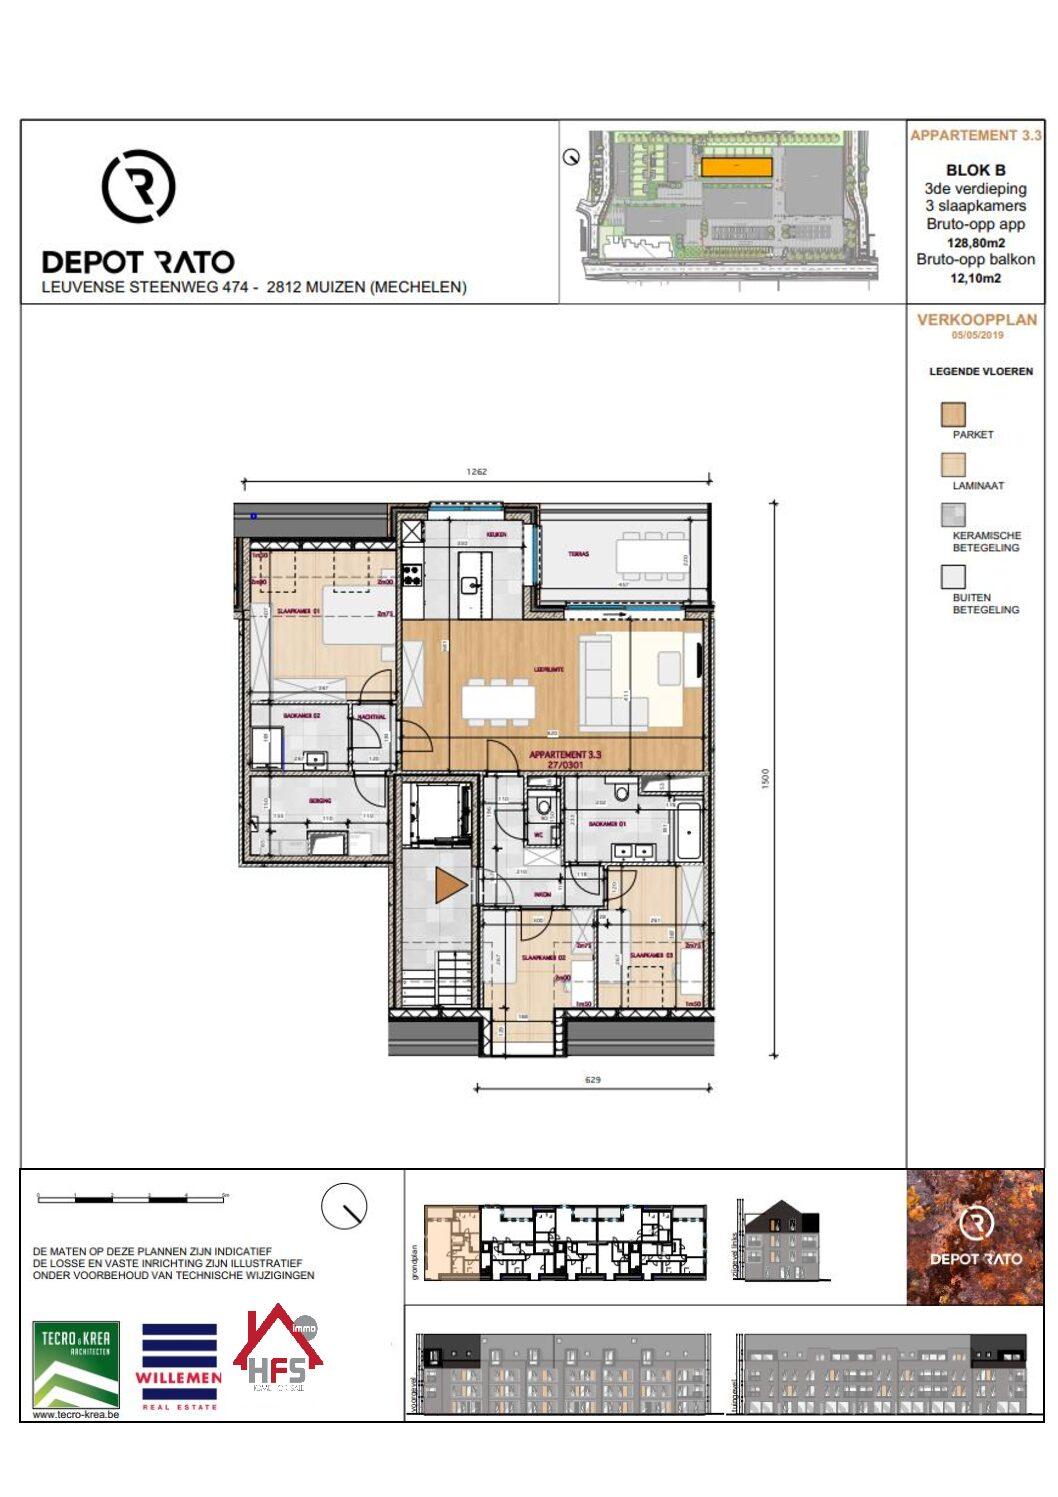 Depot Rato grondplan met titel app 3.3